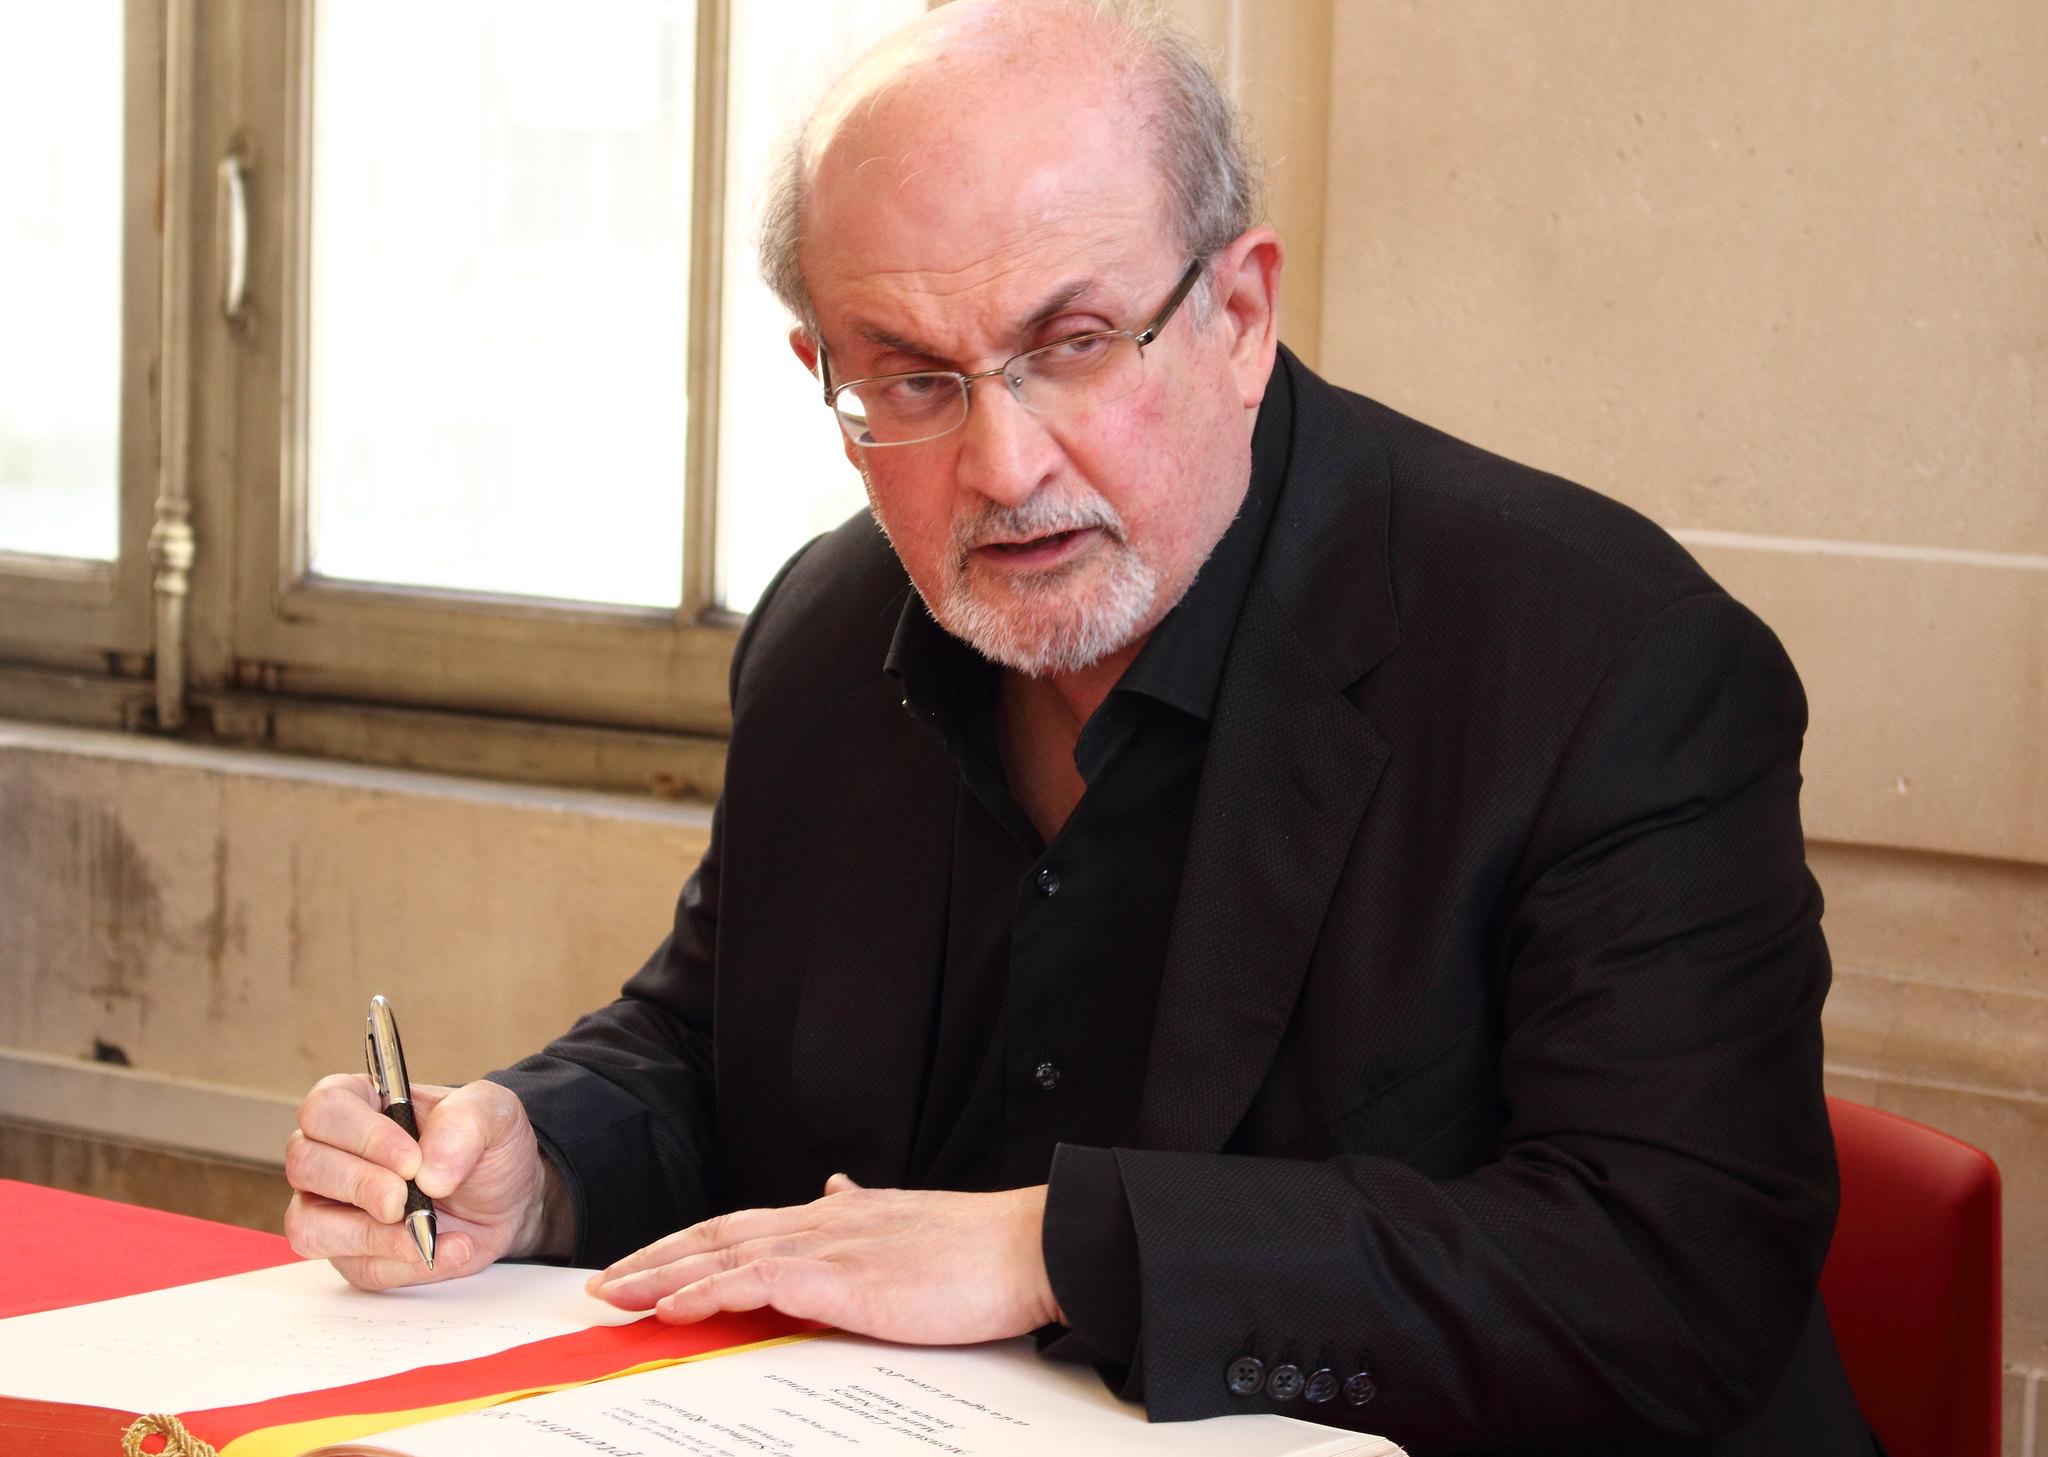 Pour son prochain livre, Salman Rushdie se passera d'éditeur